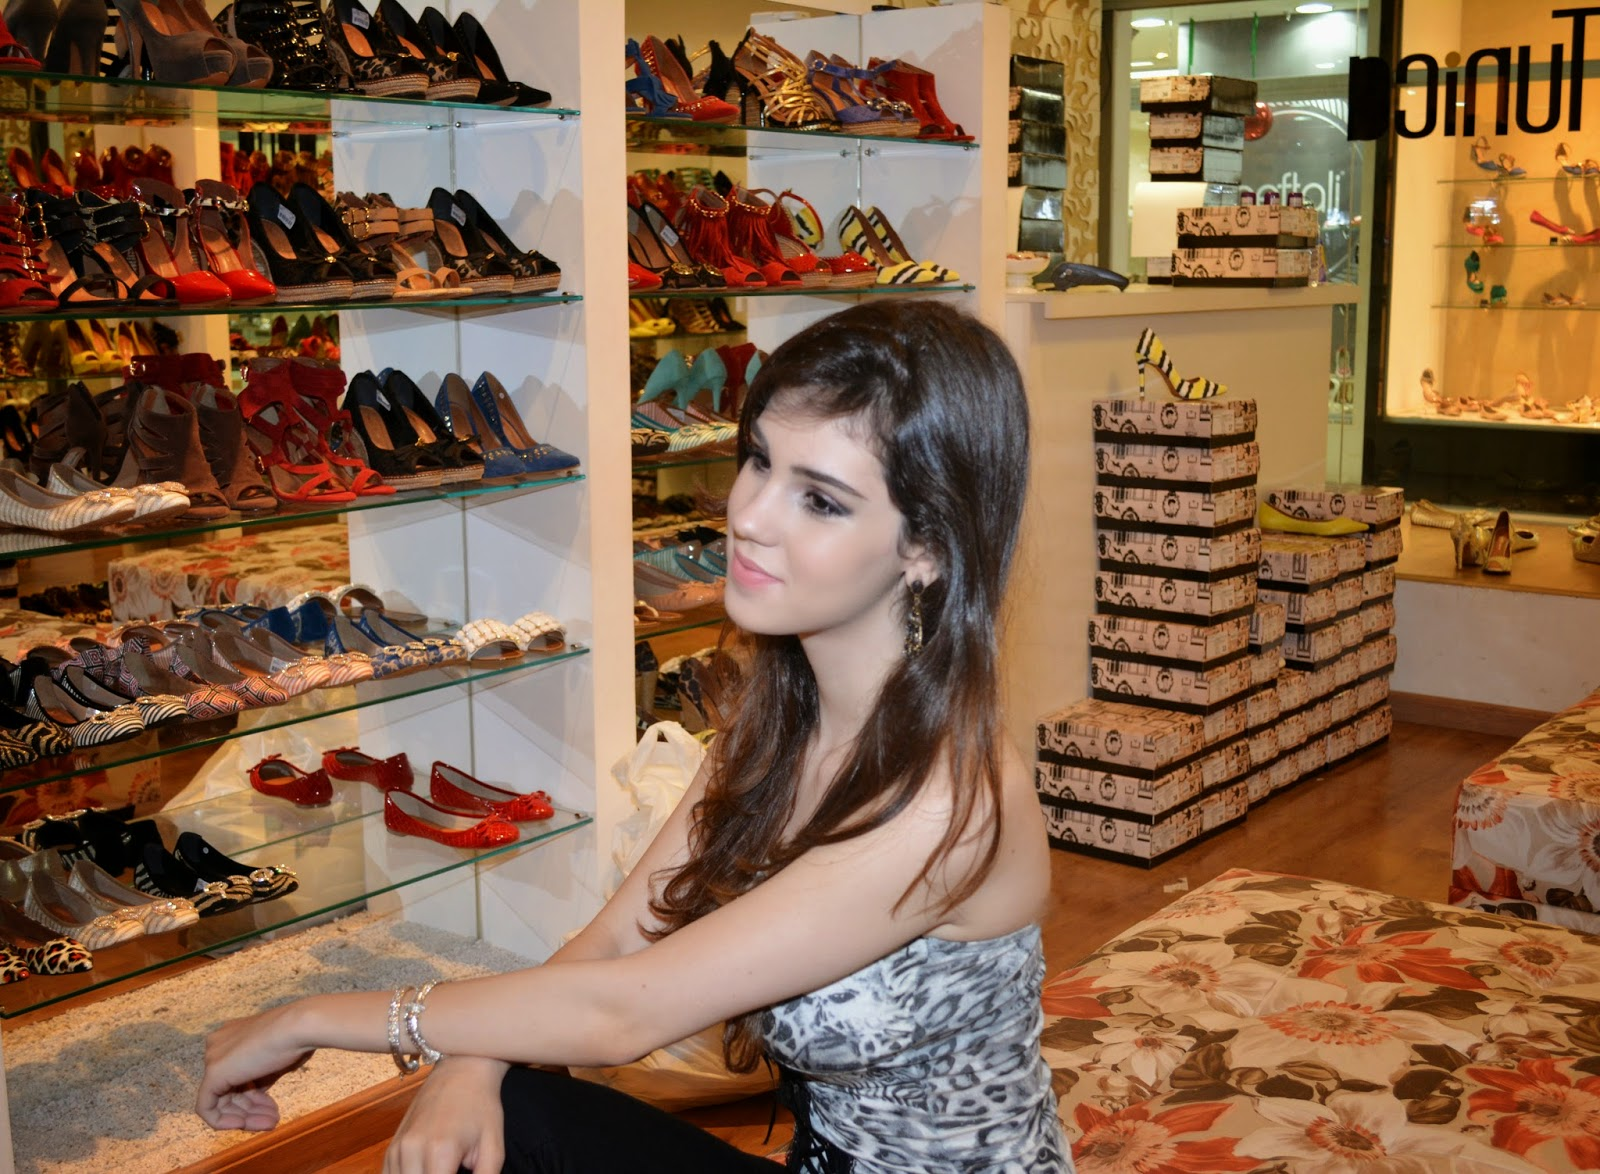 136d84f20 Chega de falar, vem comigo e confiram um pouquinho das fotos que rolou na  loja, no dia do desfile.